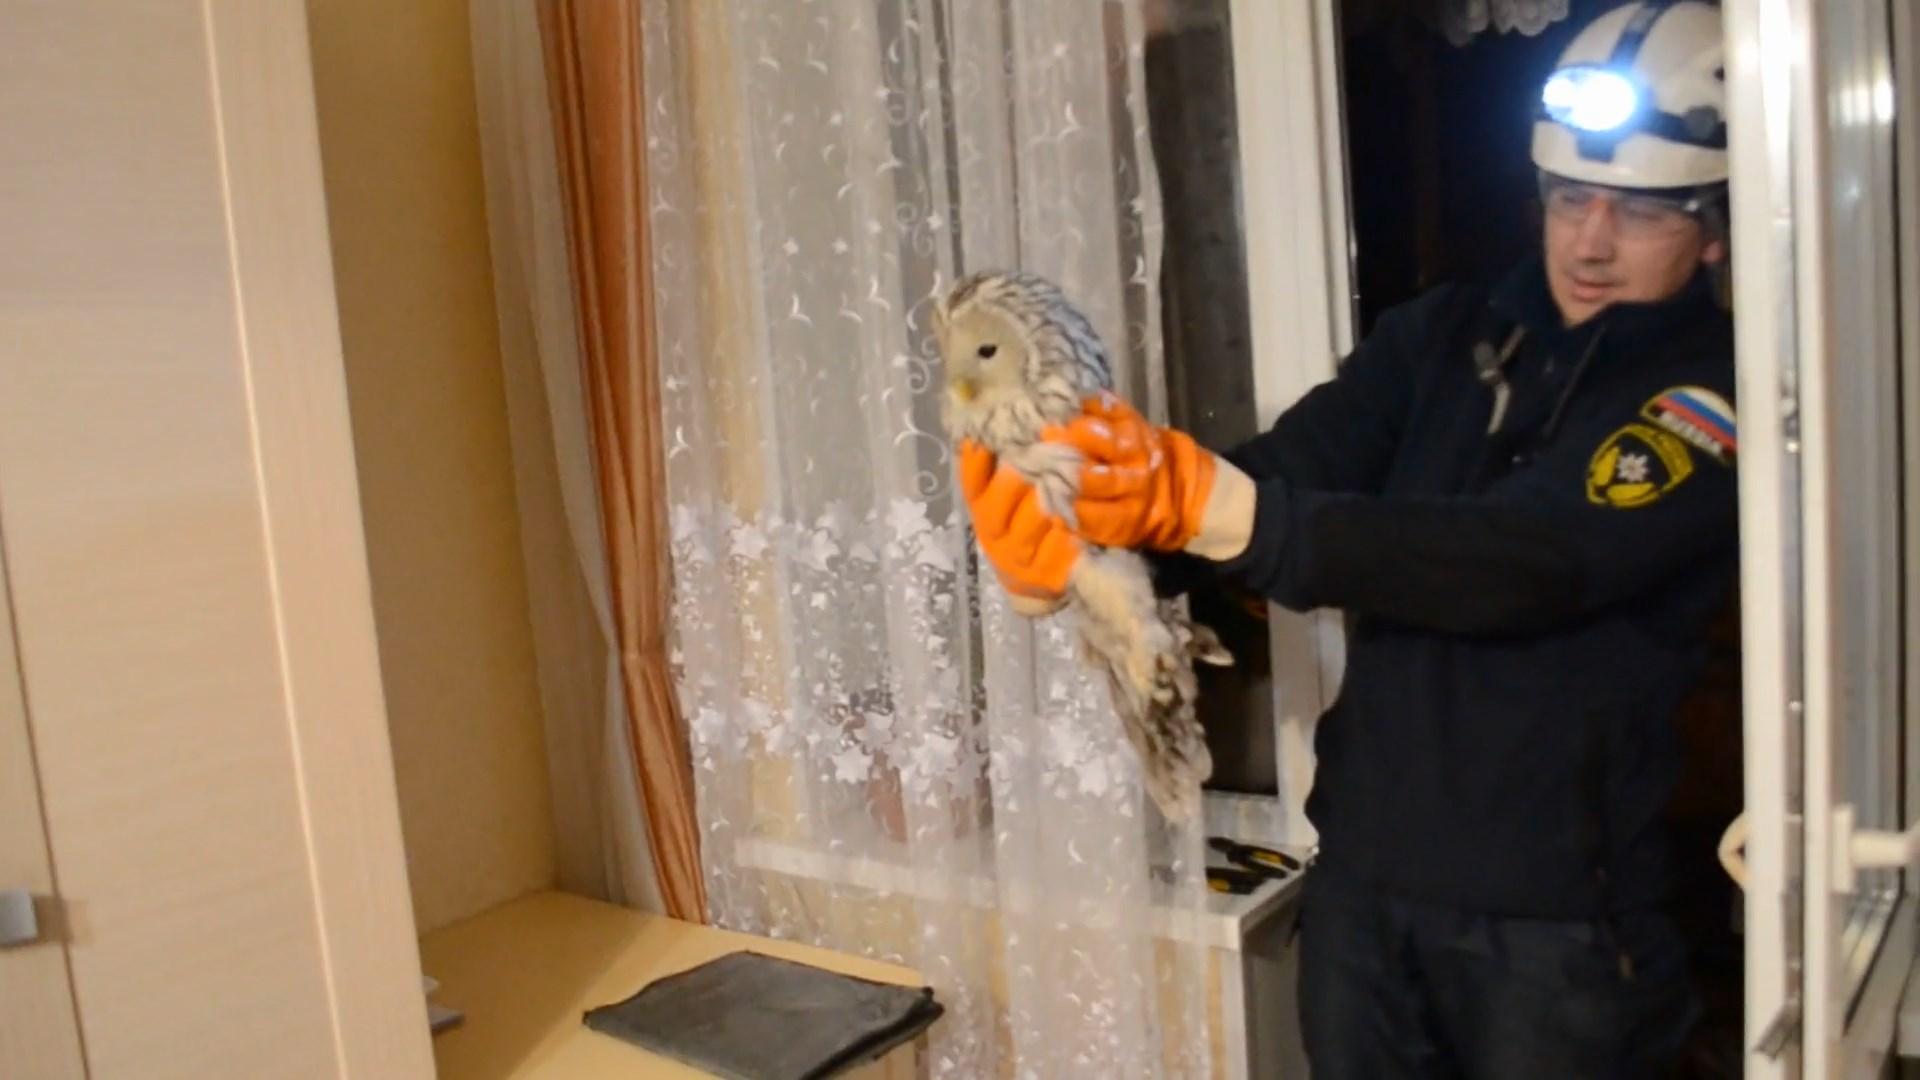 ВУфе к жителям многоэтажки залетела сова, помогли cотрудники экстренных служб